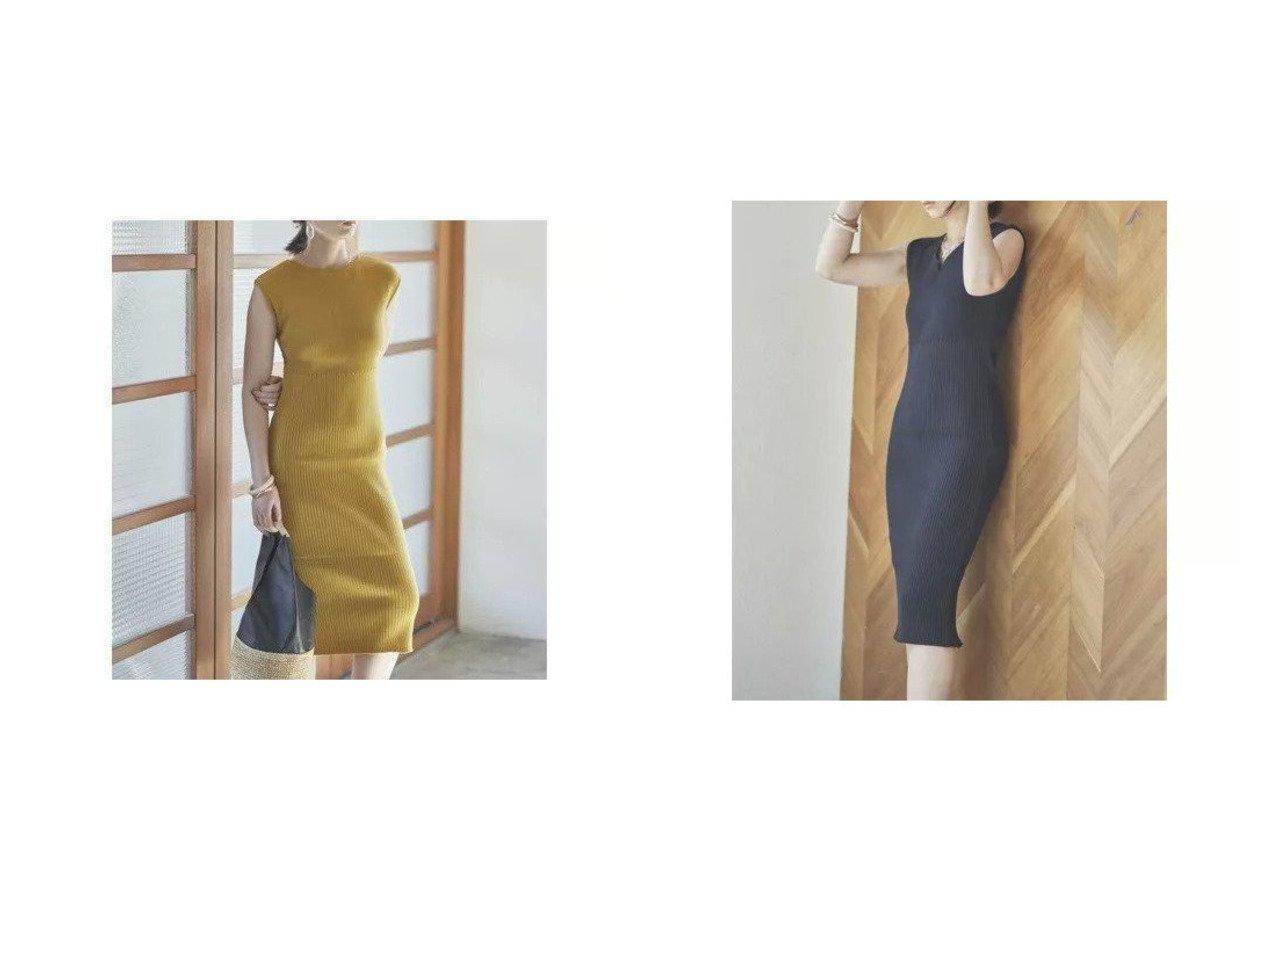 【DRWCYS/ドロシーズ】の2wayリブニットワンピース おすすめ!人気、トレンド・レディースファッションの通販   おすすめで人気の流行・トレンド、ファッションの通販商品 メンズファッション・キッズファッション・インテリア・家具・レディースファッション・服の通販 founy(ファニー) https://founy.com/ ファッション Fashion レディースファッション WOMEN ワンピース Dress ニットワンピース Knit Dresses ノースリーブ ラウンド リネン |ID:crp329100000036855